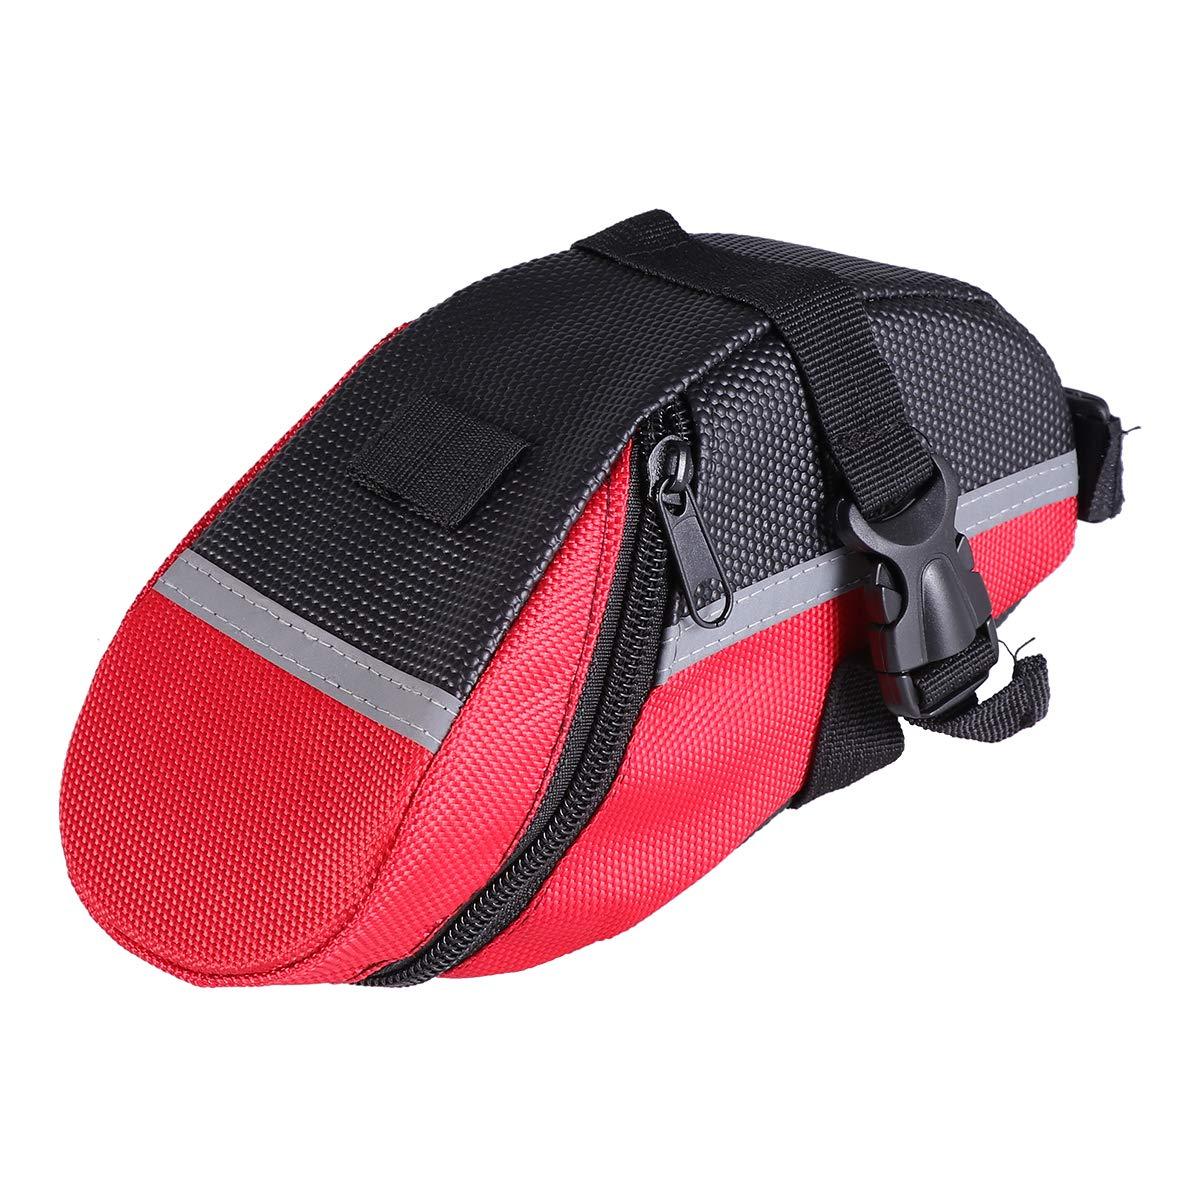 rot LIOOBO wasserdichtes Fahrrad Fahrrad R/ücksitz R/ückentasche tragbare Fahrrad Satteltasche Fahrrad Werkzeugtaschen Tasche